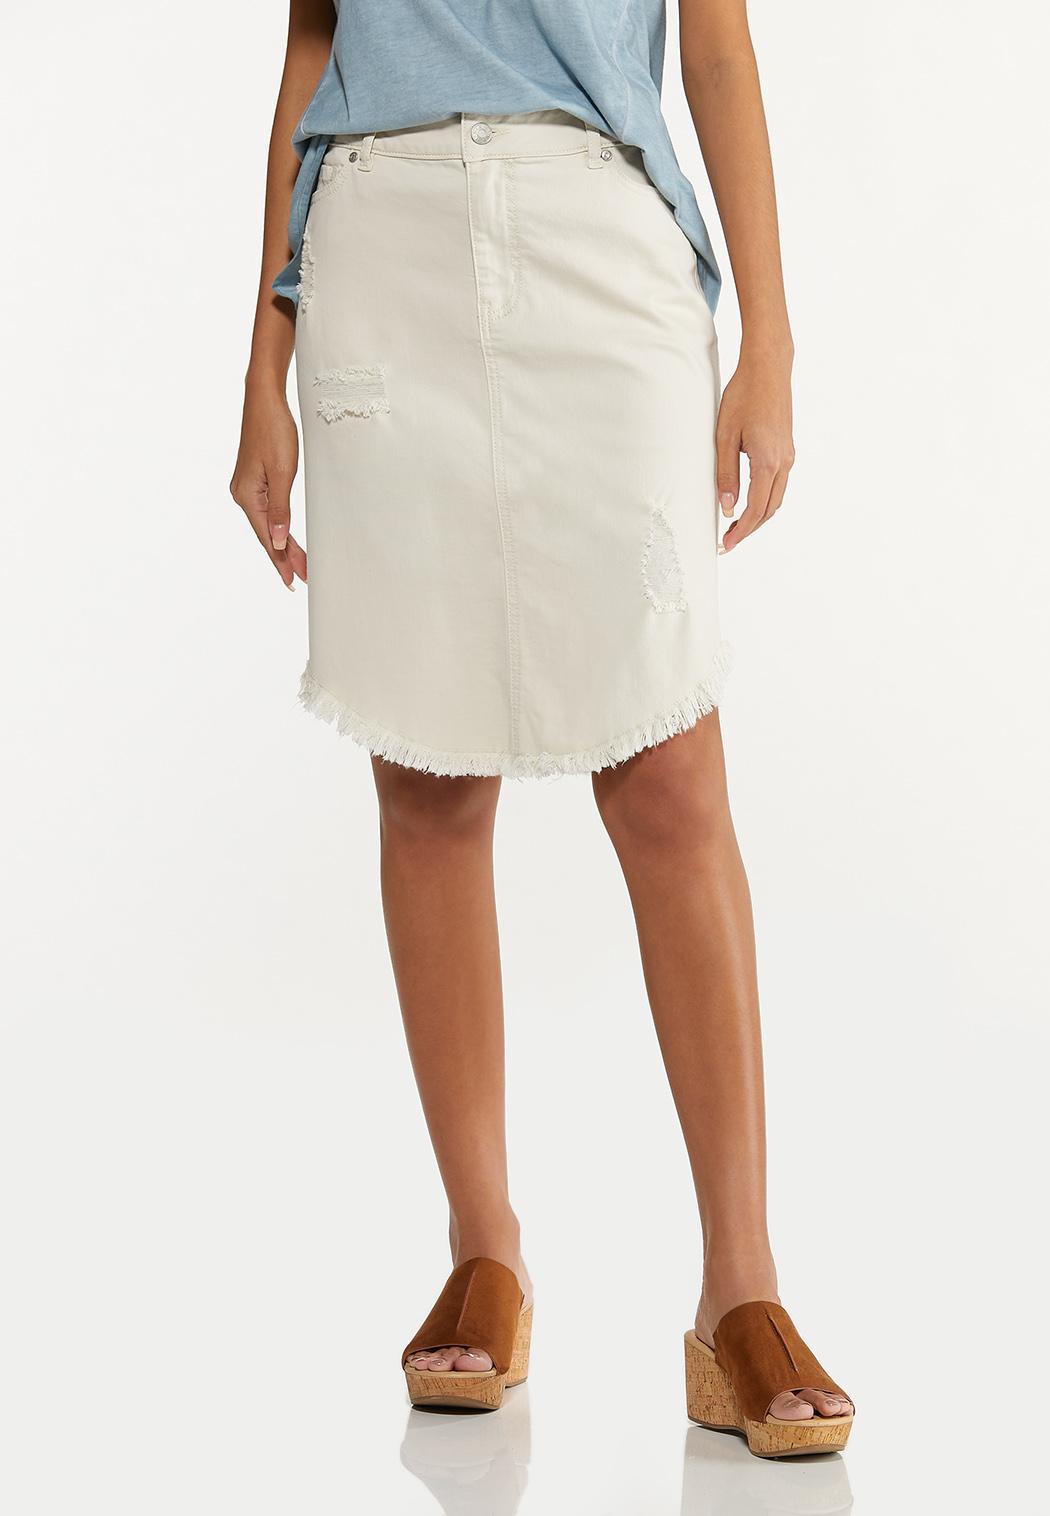 Curved Frayed Denim Skirt